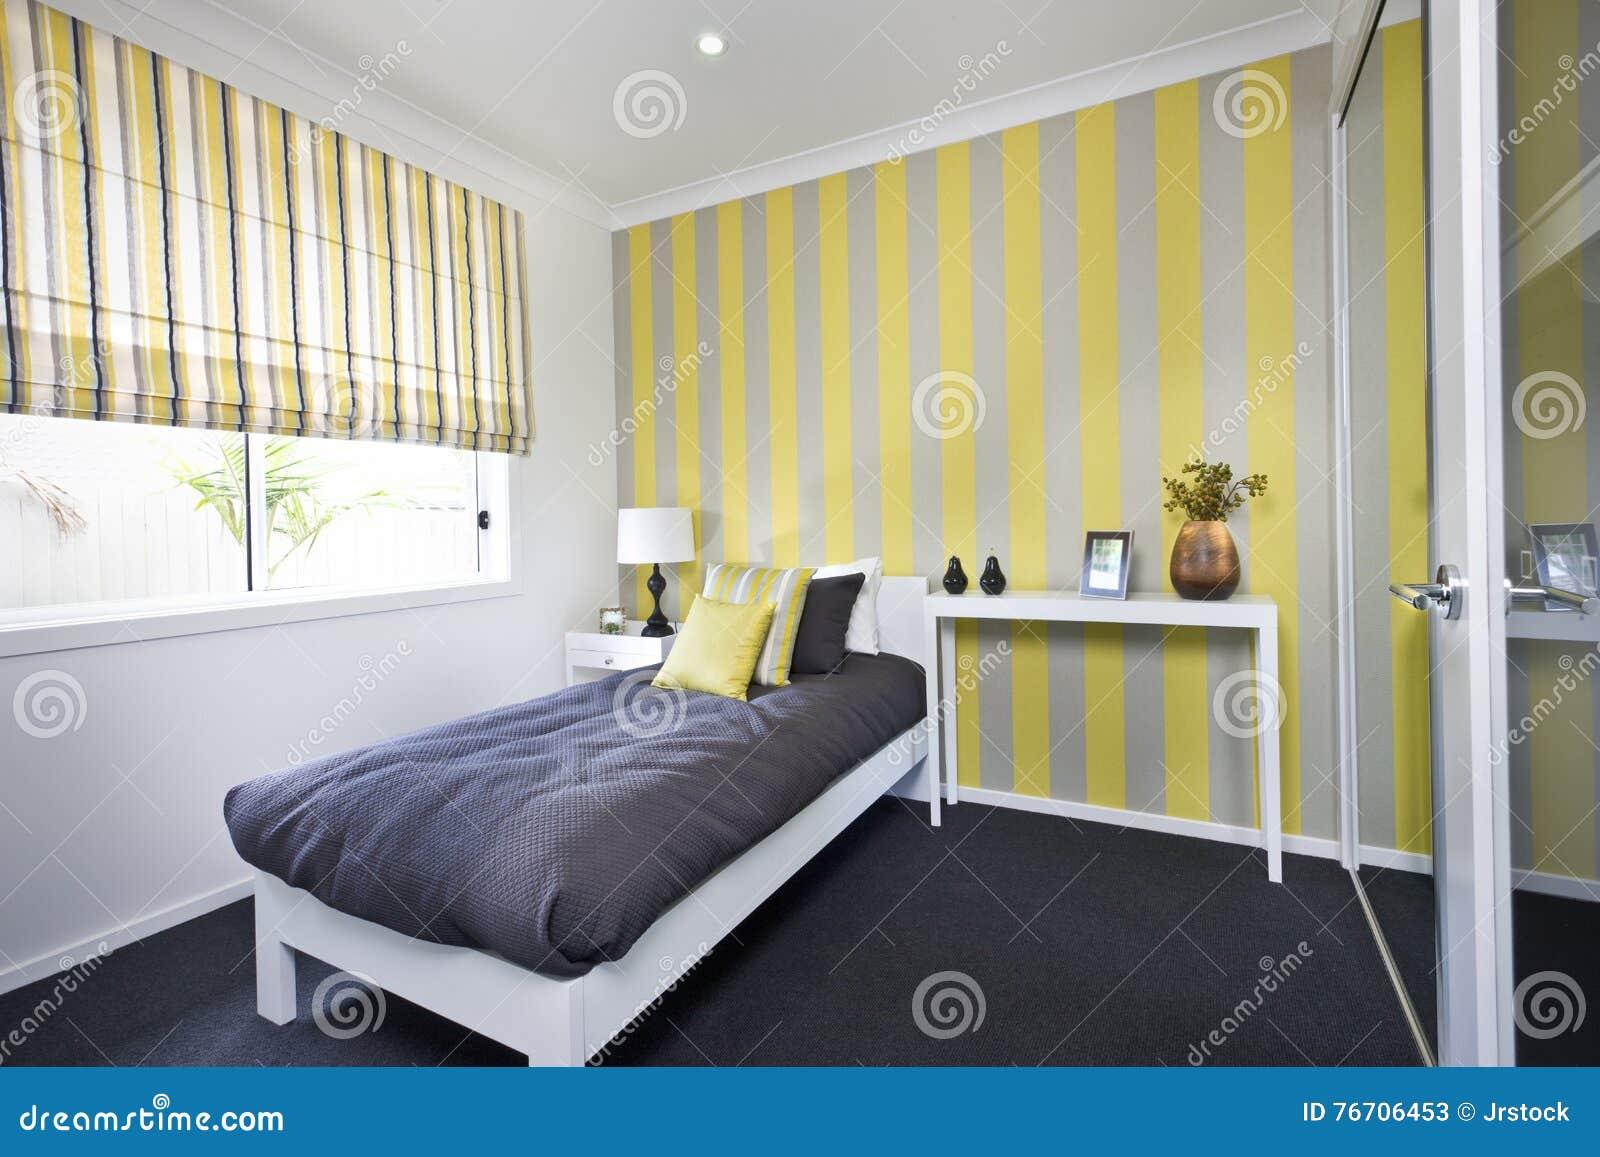 Κλασική κρεβατοκάμαρα με ένα μικρό κρεβάτι και μαξιλάρια εκτός από τα παράθυρα